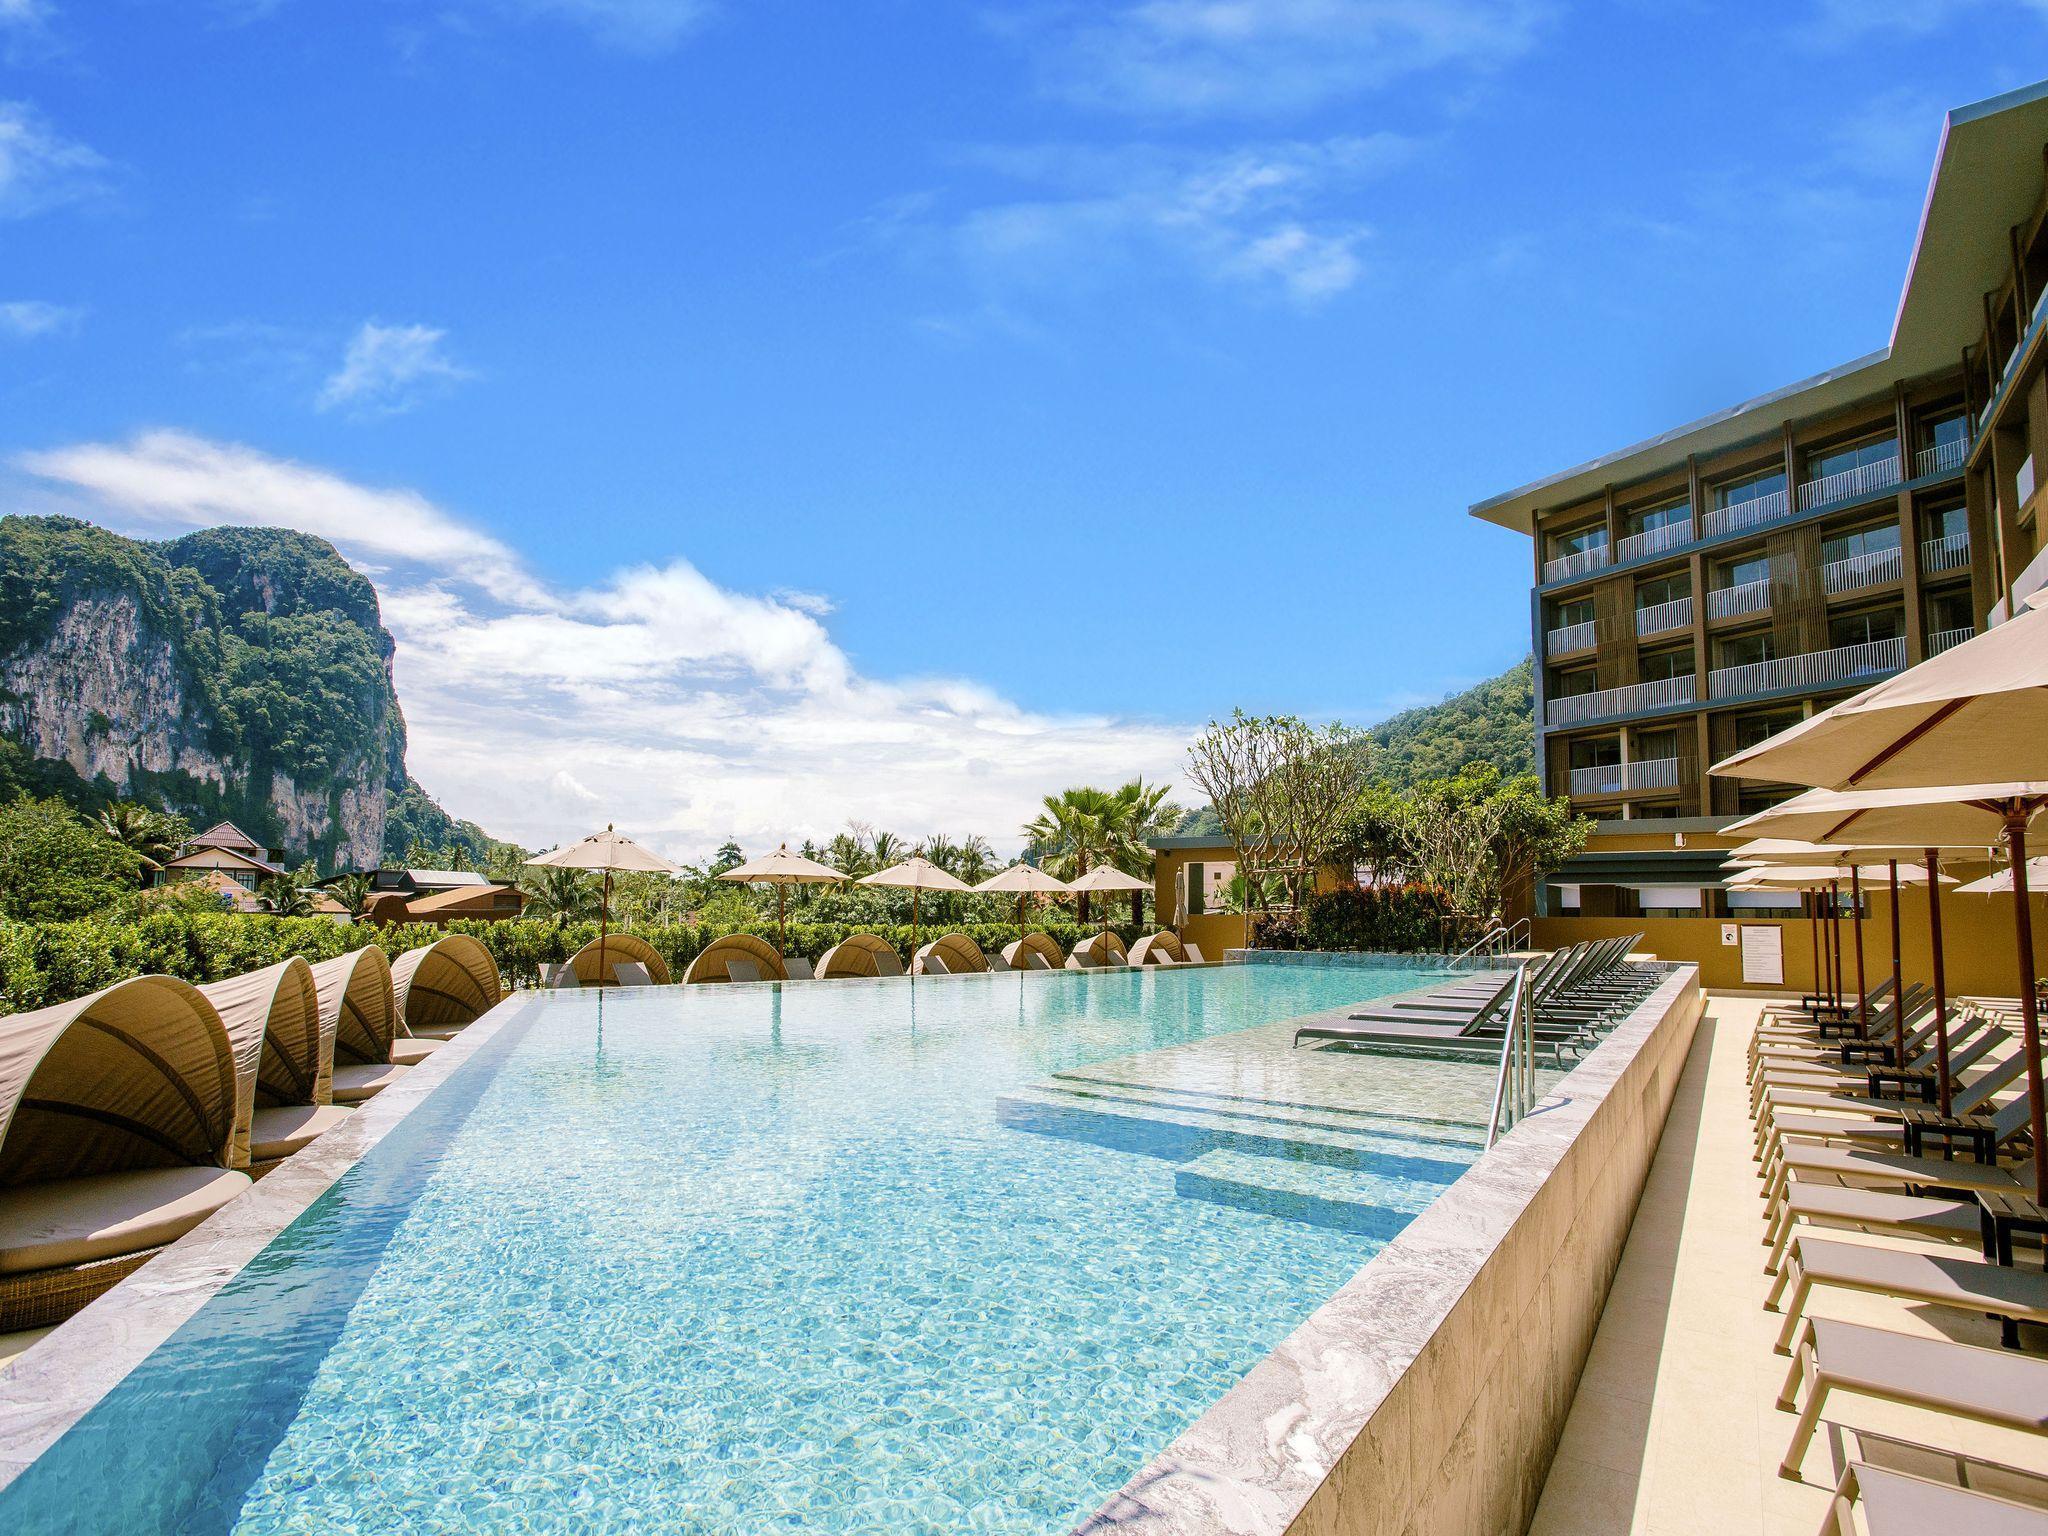 Centra by Centara Phu Pano Resort Krabi เซนทรา ภูพาโน กระบี่